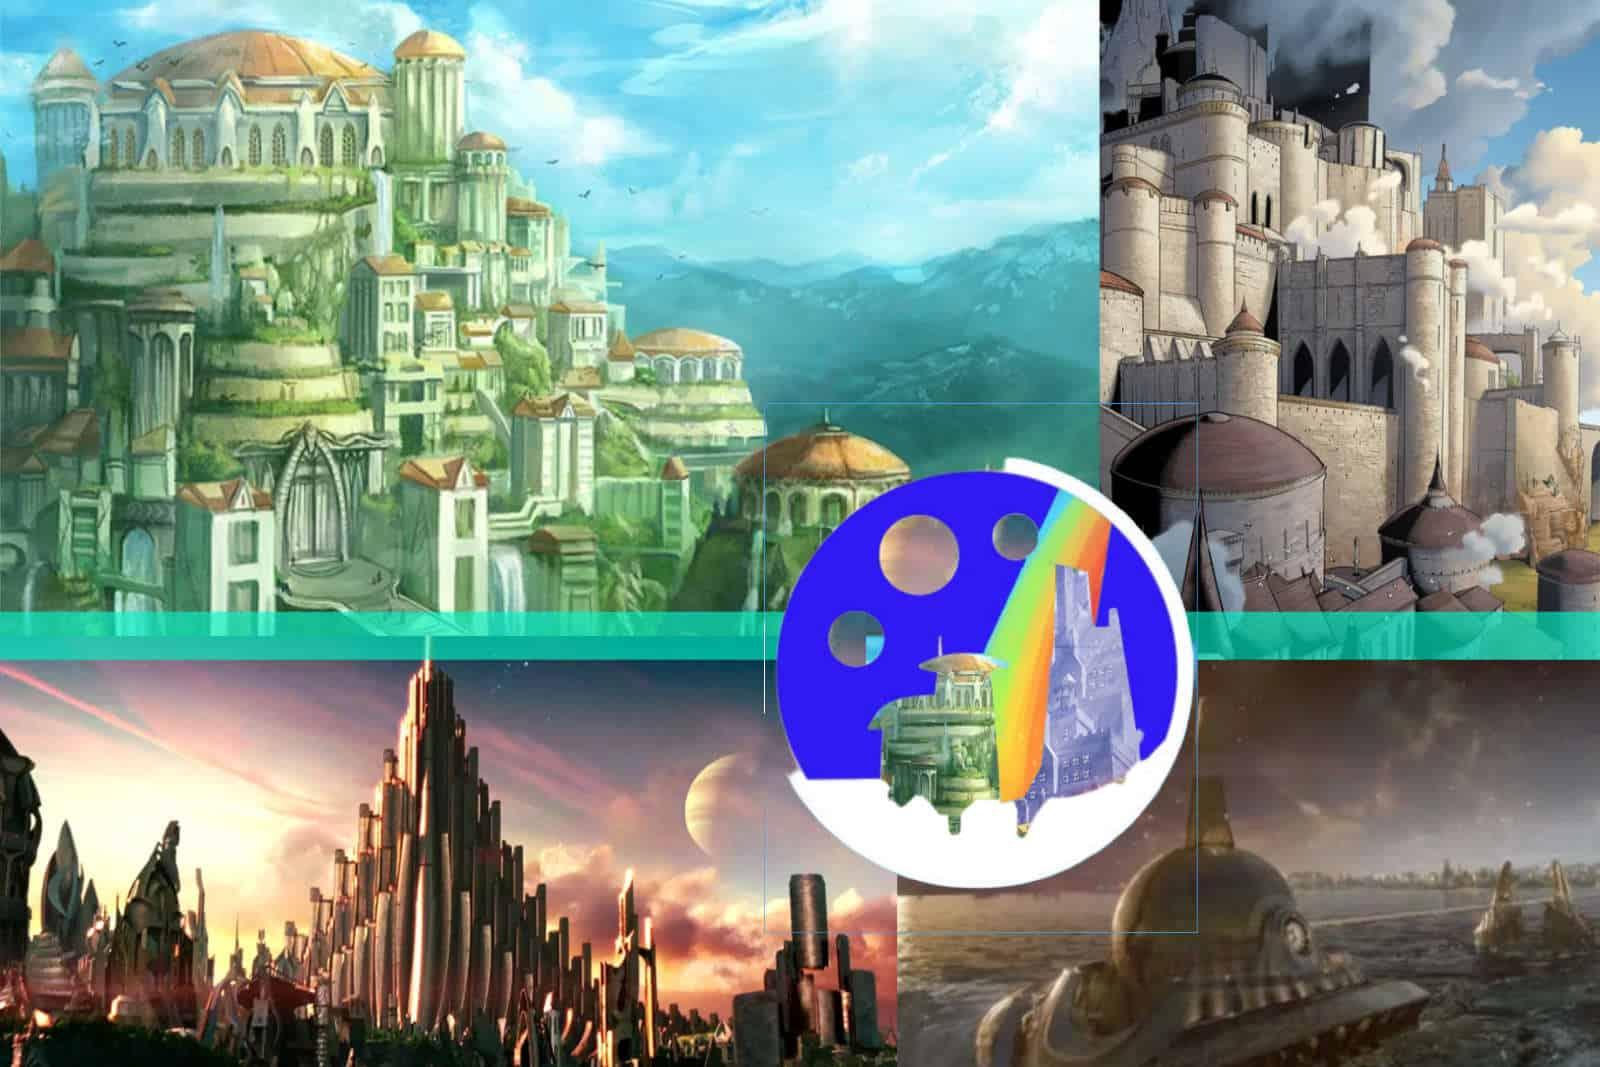 The-Sims-4-norse-mythology-theory.jpg